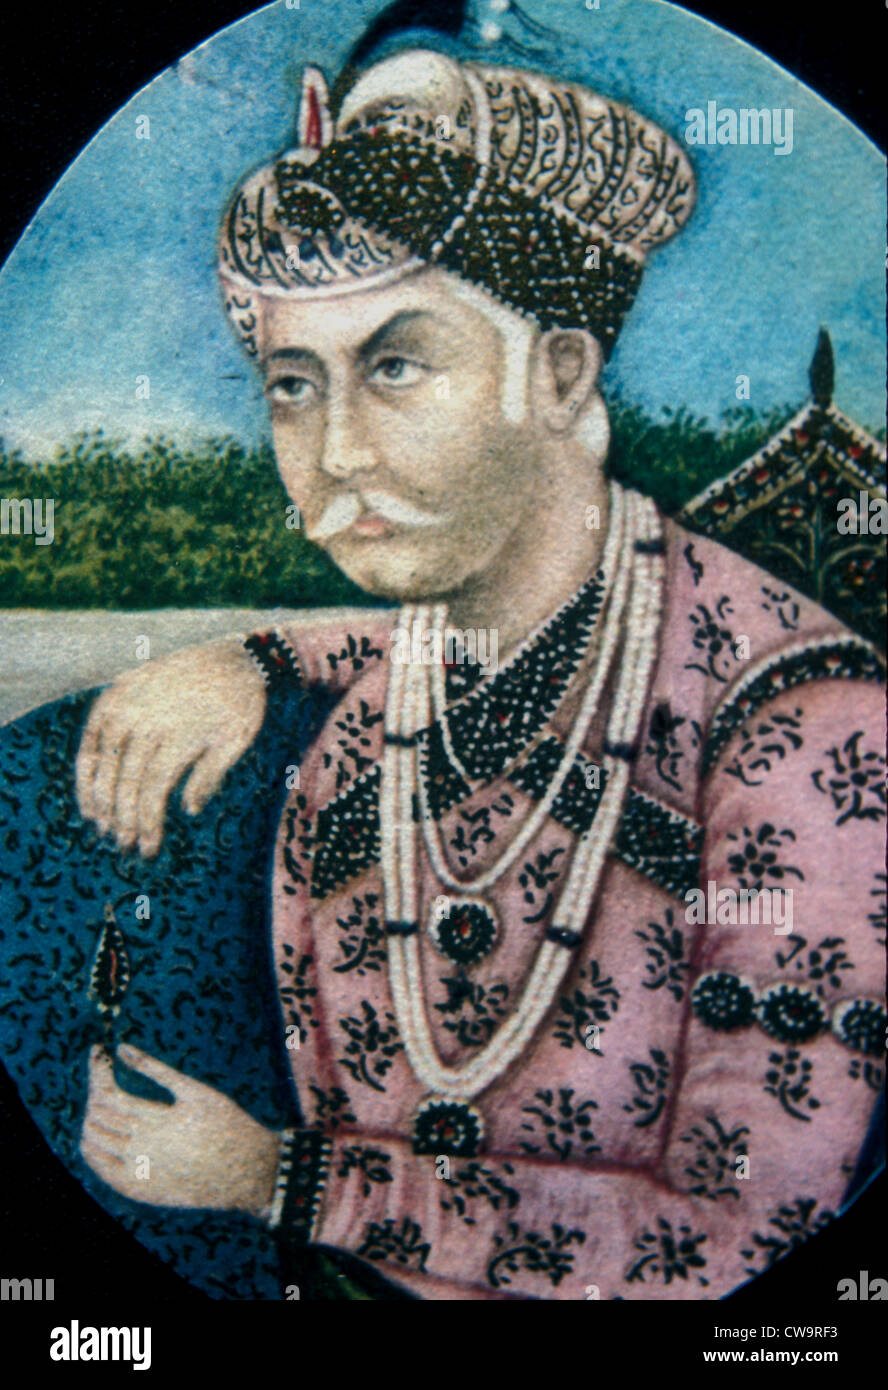 Mughal emperor Jalal ud-Din Akbar - Stock Image